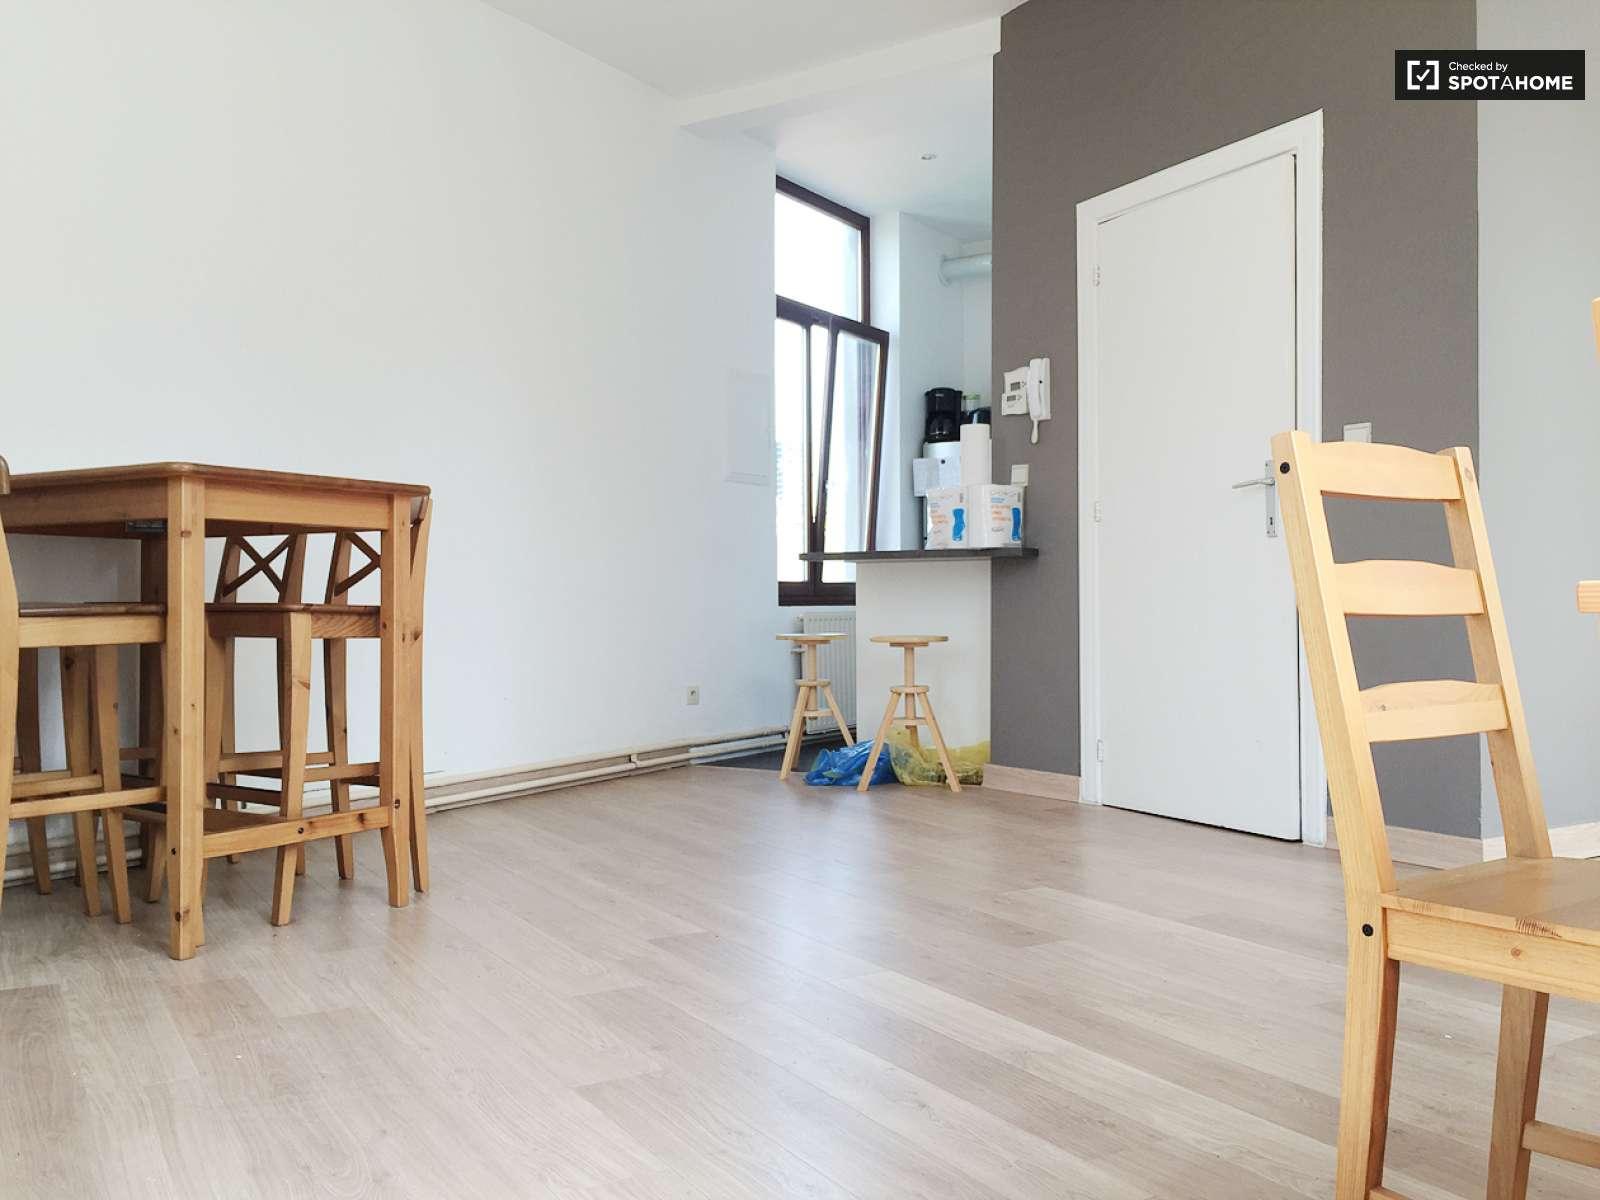 chambre louer dans un appartement avec s che linge dans le quartier de l 39 ue bruxelles ref. Black Bedroom Furniture Sets. Home Design Ideas